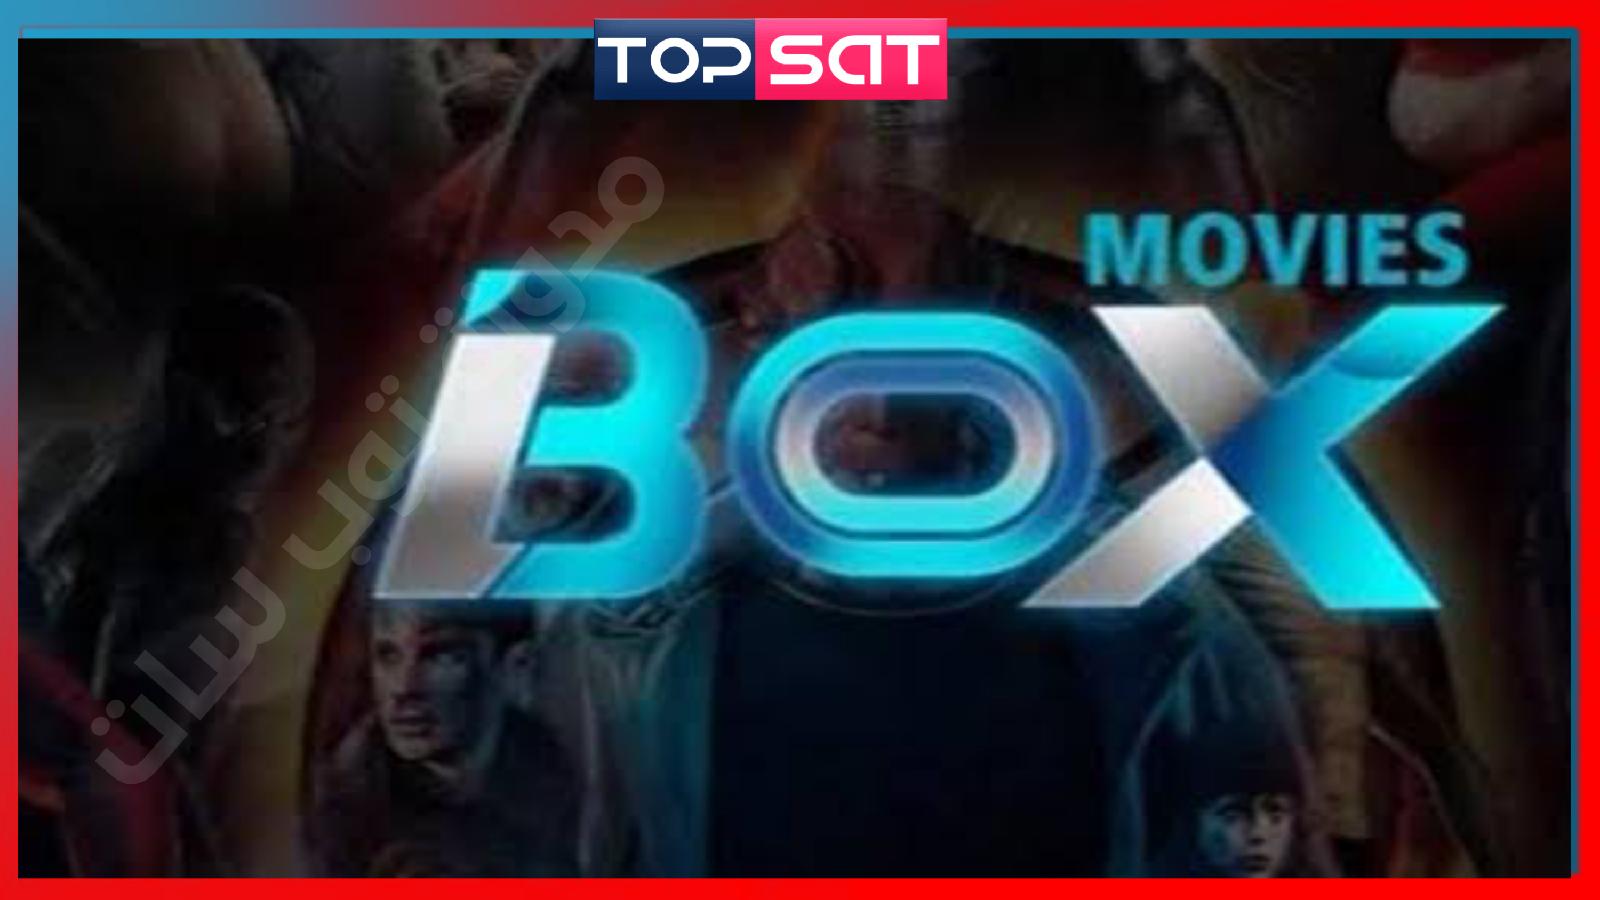 حصريا التردد الجديد لقناة بوكس موفيز الجديدة 2020 Box Movies على النايل سات